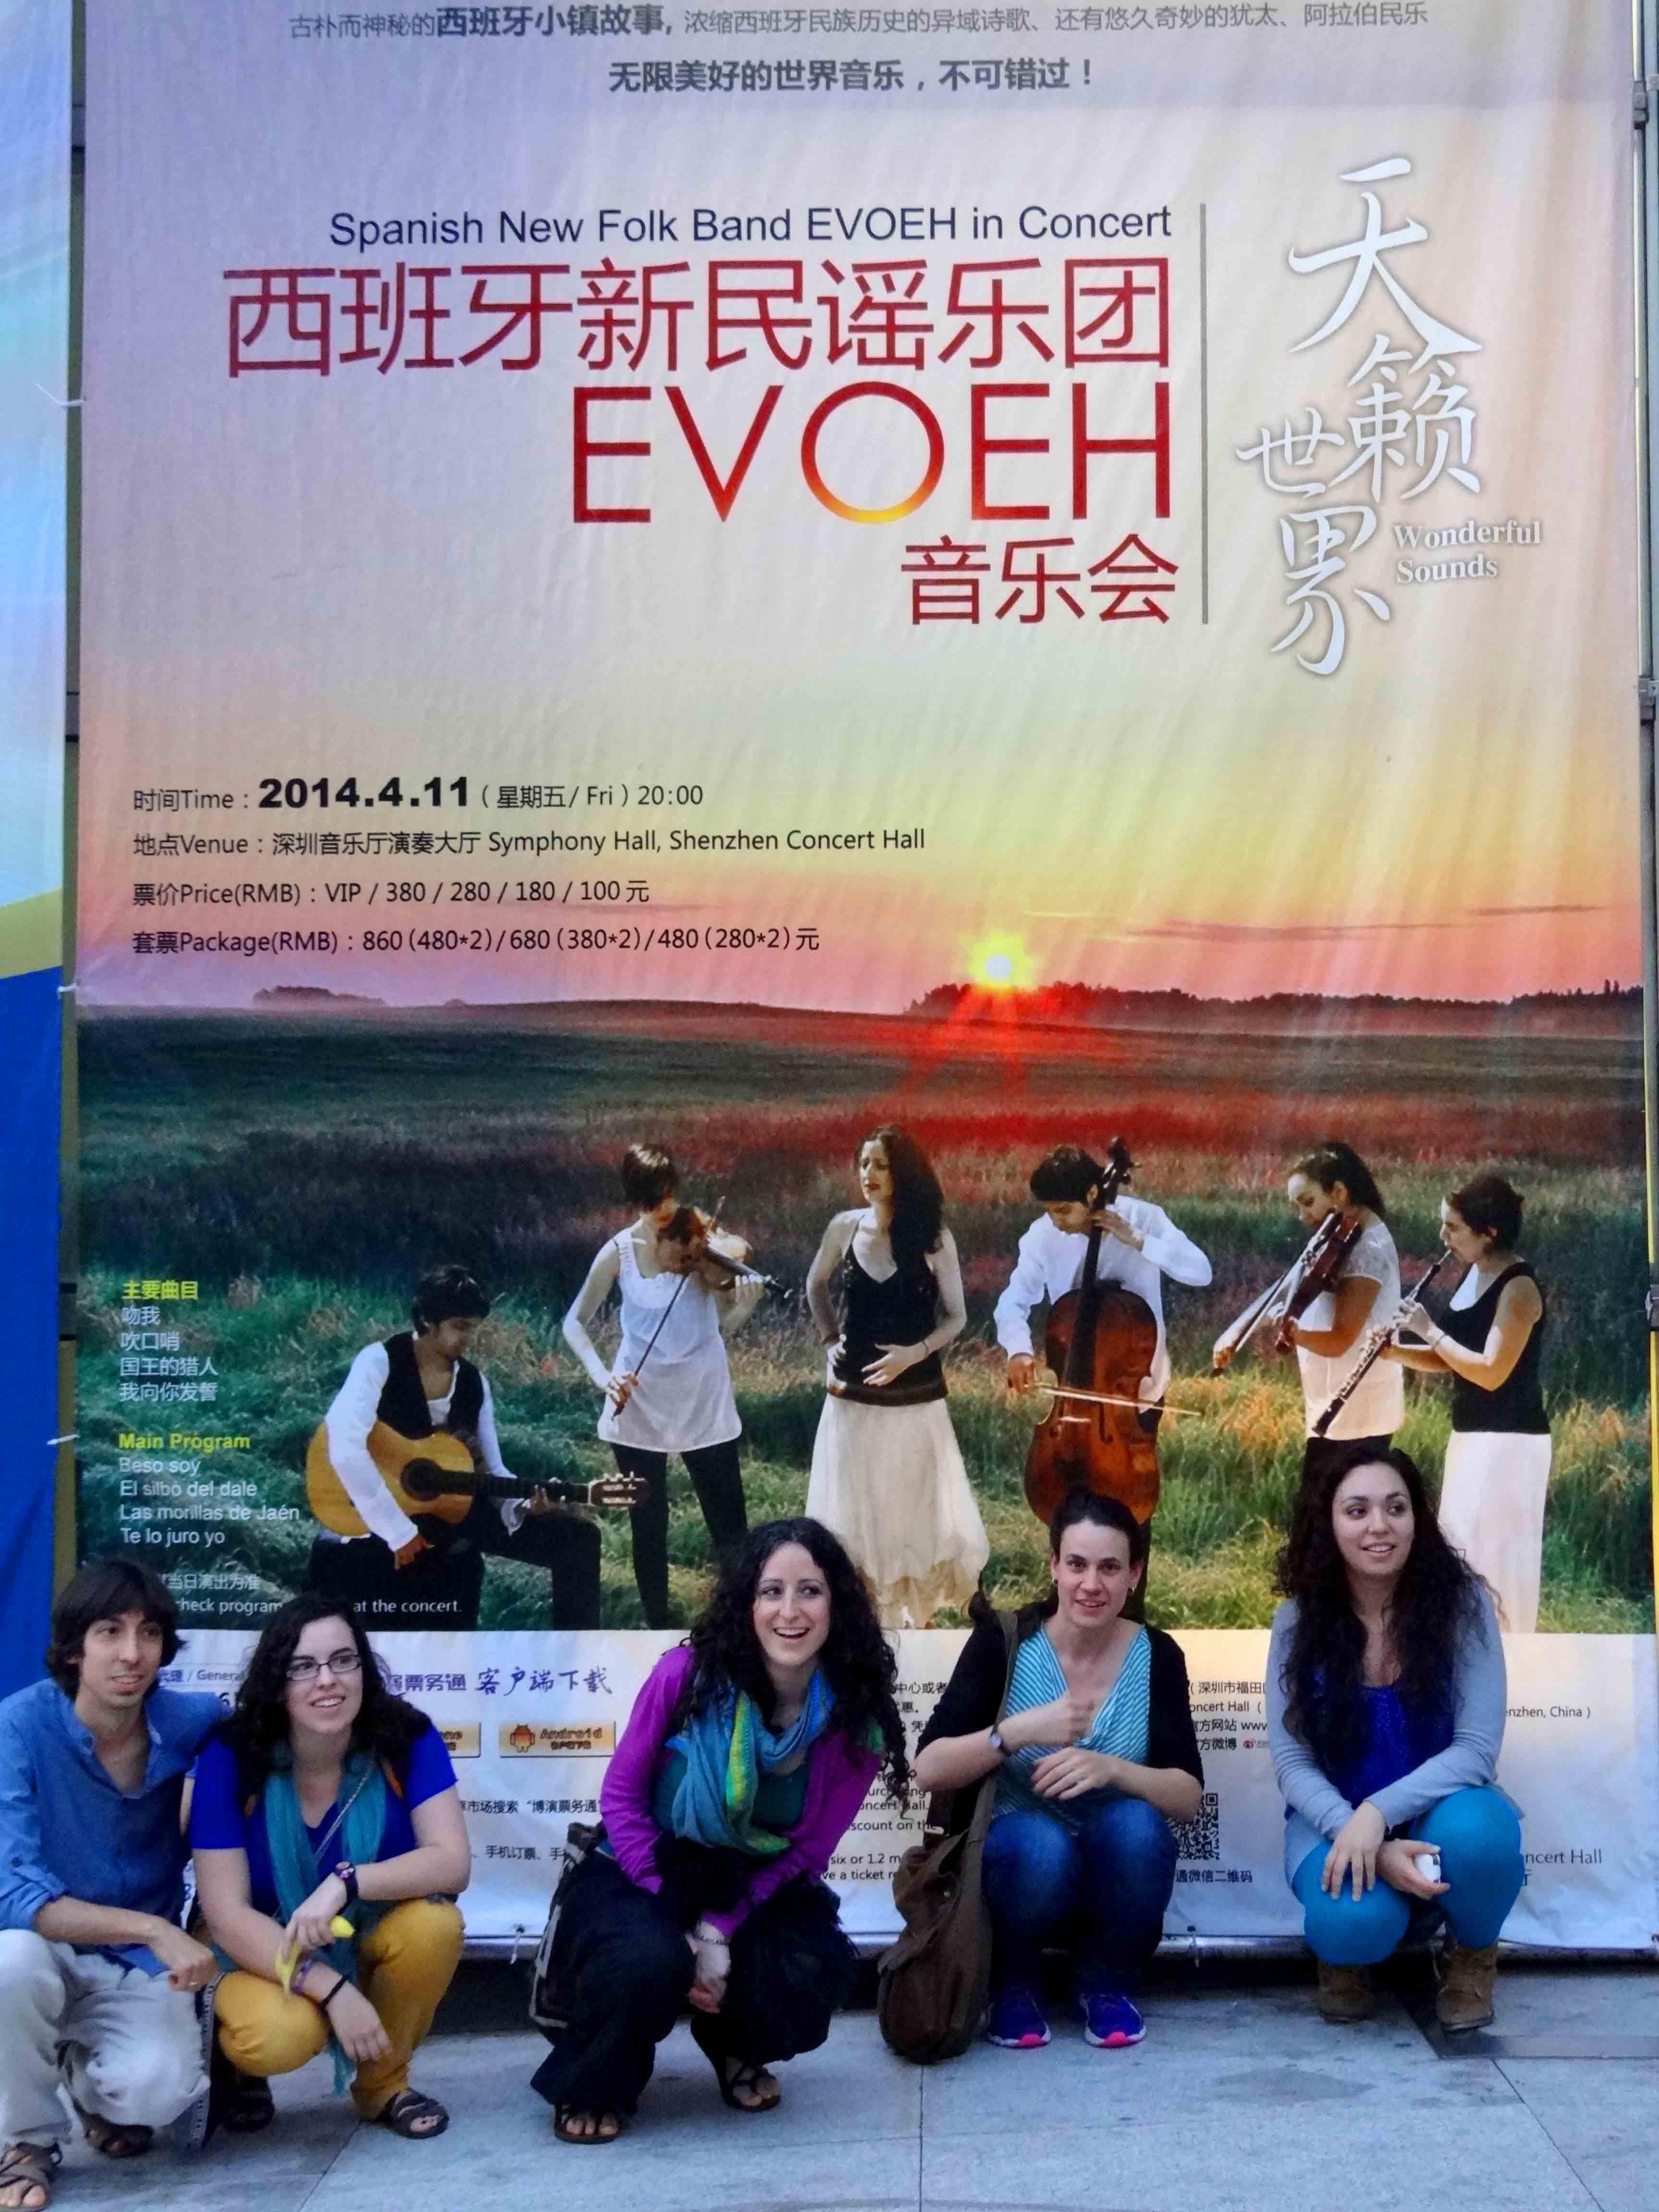 Evoeh_gira_por_China_3